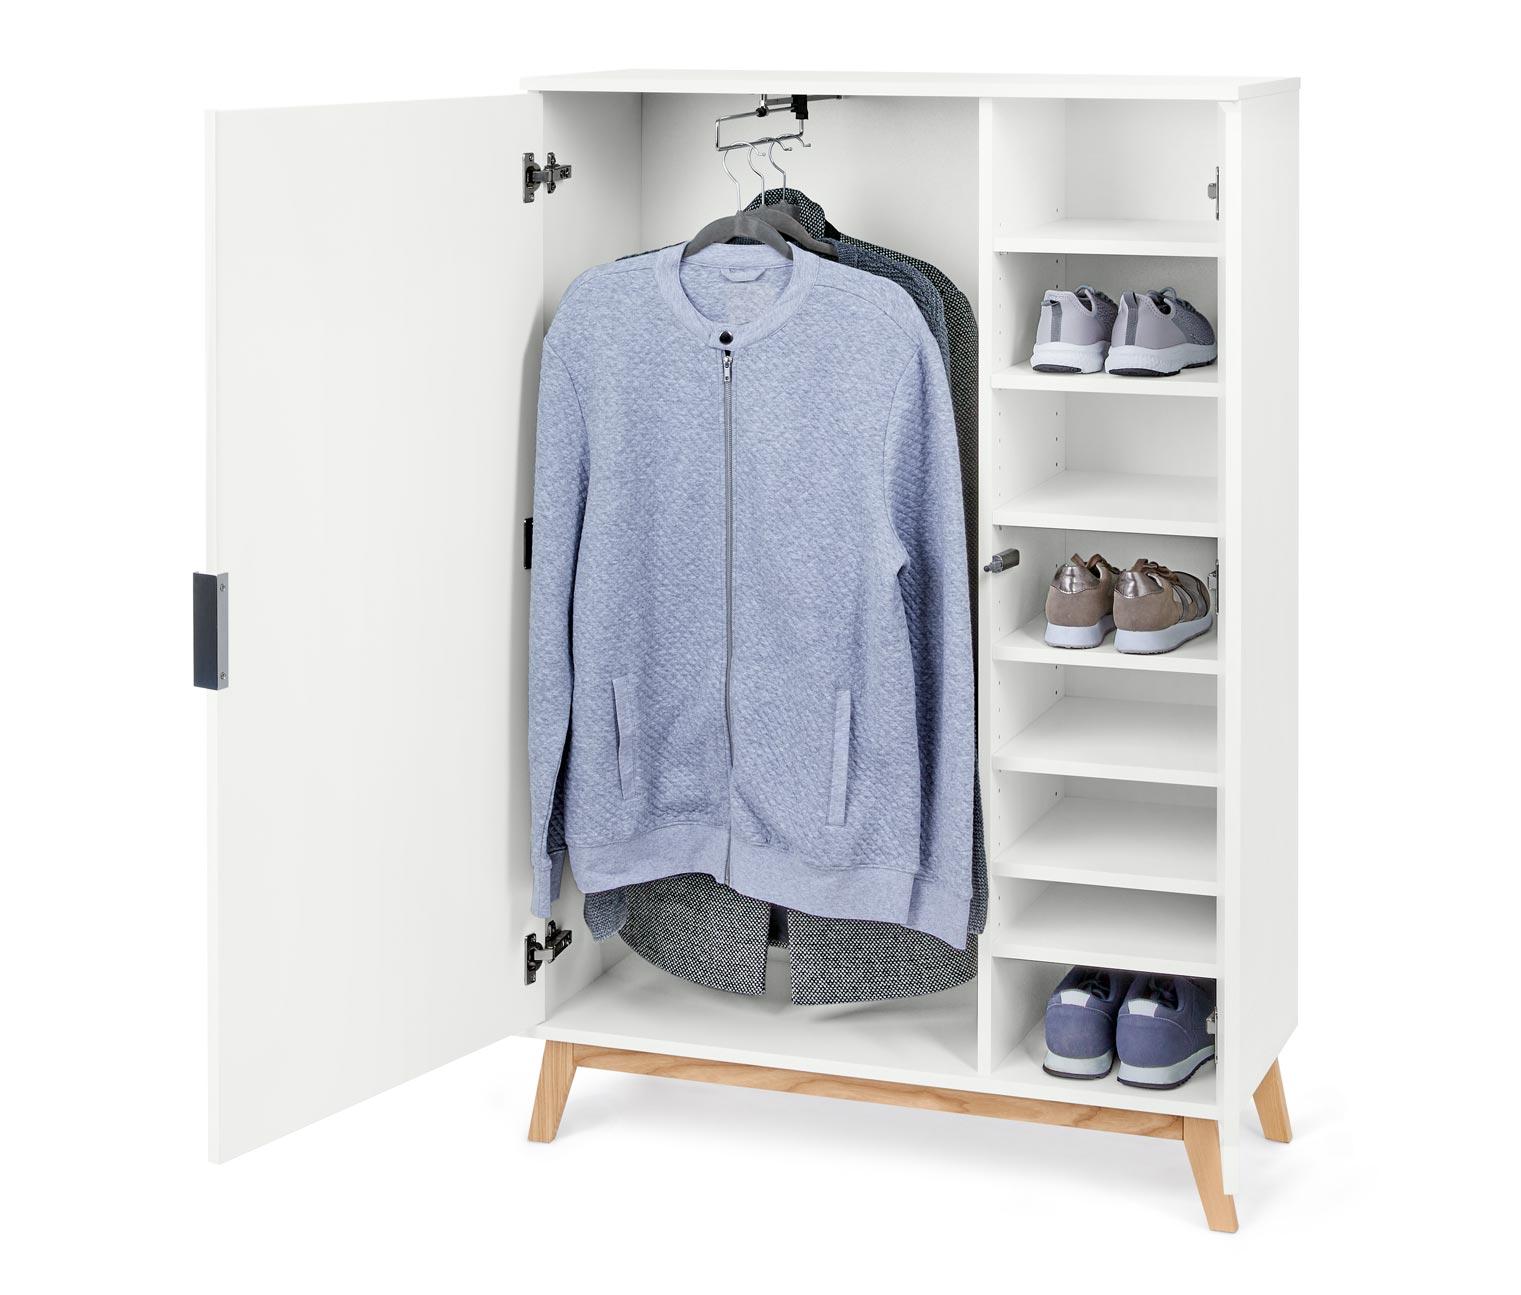 Image of Schuh- und Kleiderschrank